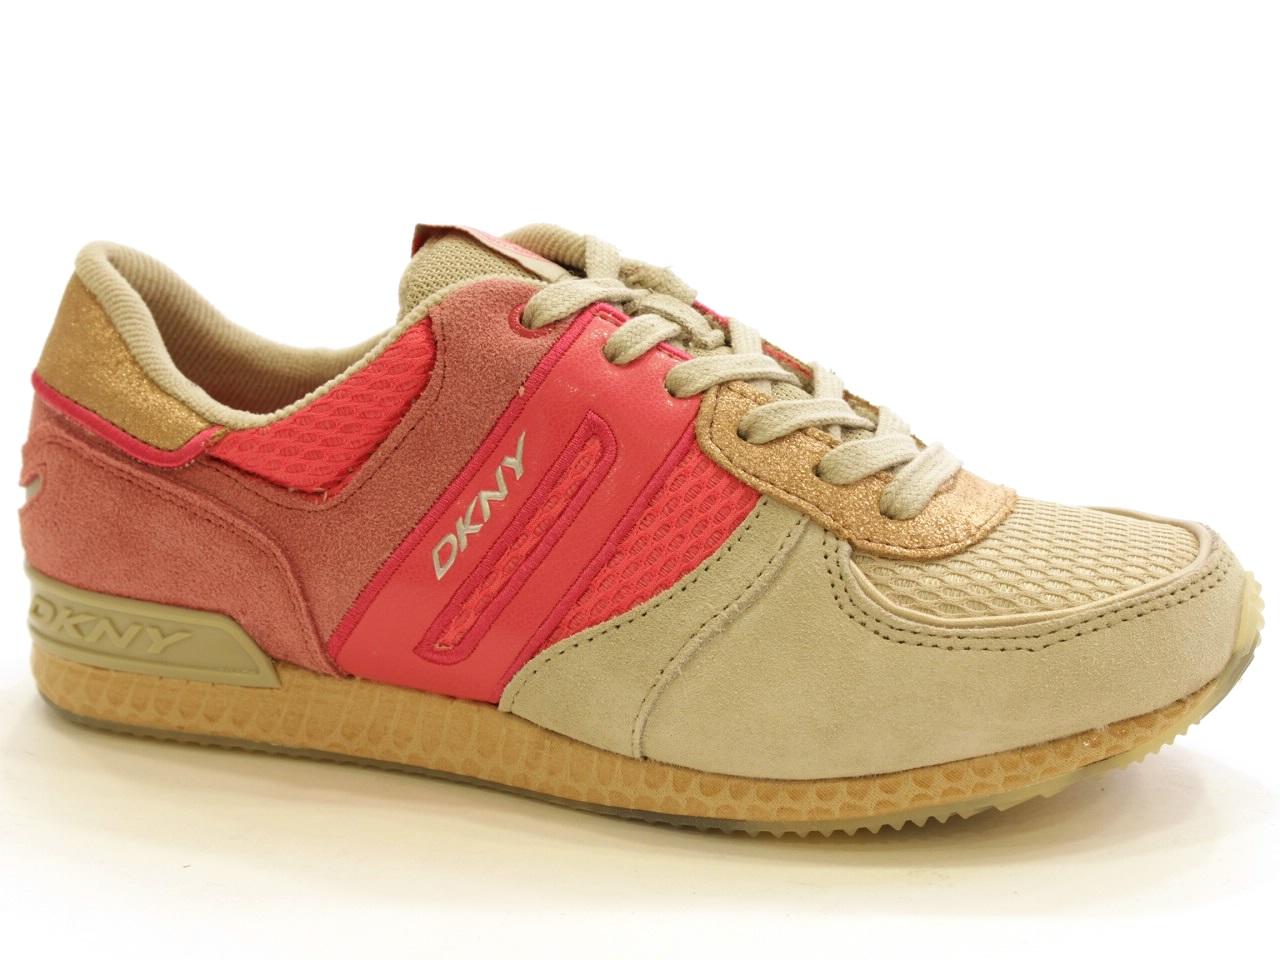 Sneakers, Espadrilles DKNY - 352 23140832